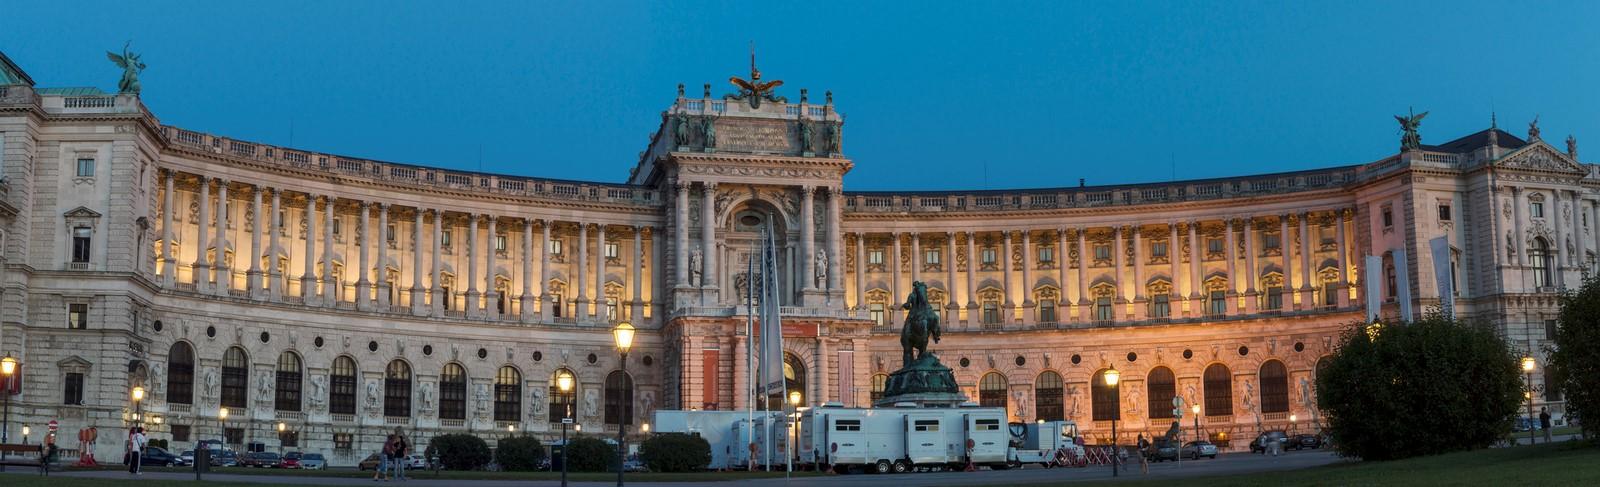 Austrian National Library, Josefsplatz 1, 1015 Wien, Austria - Sheet1